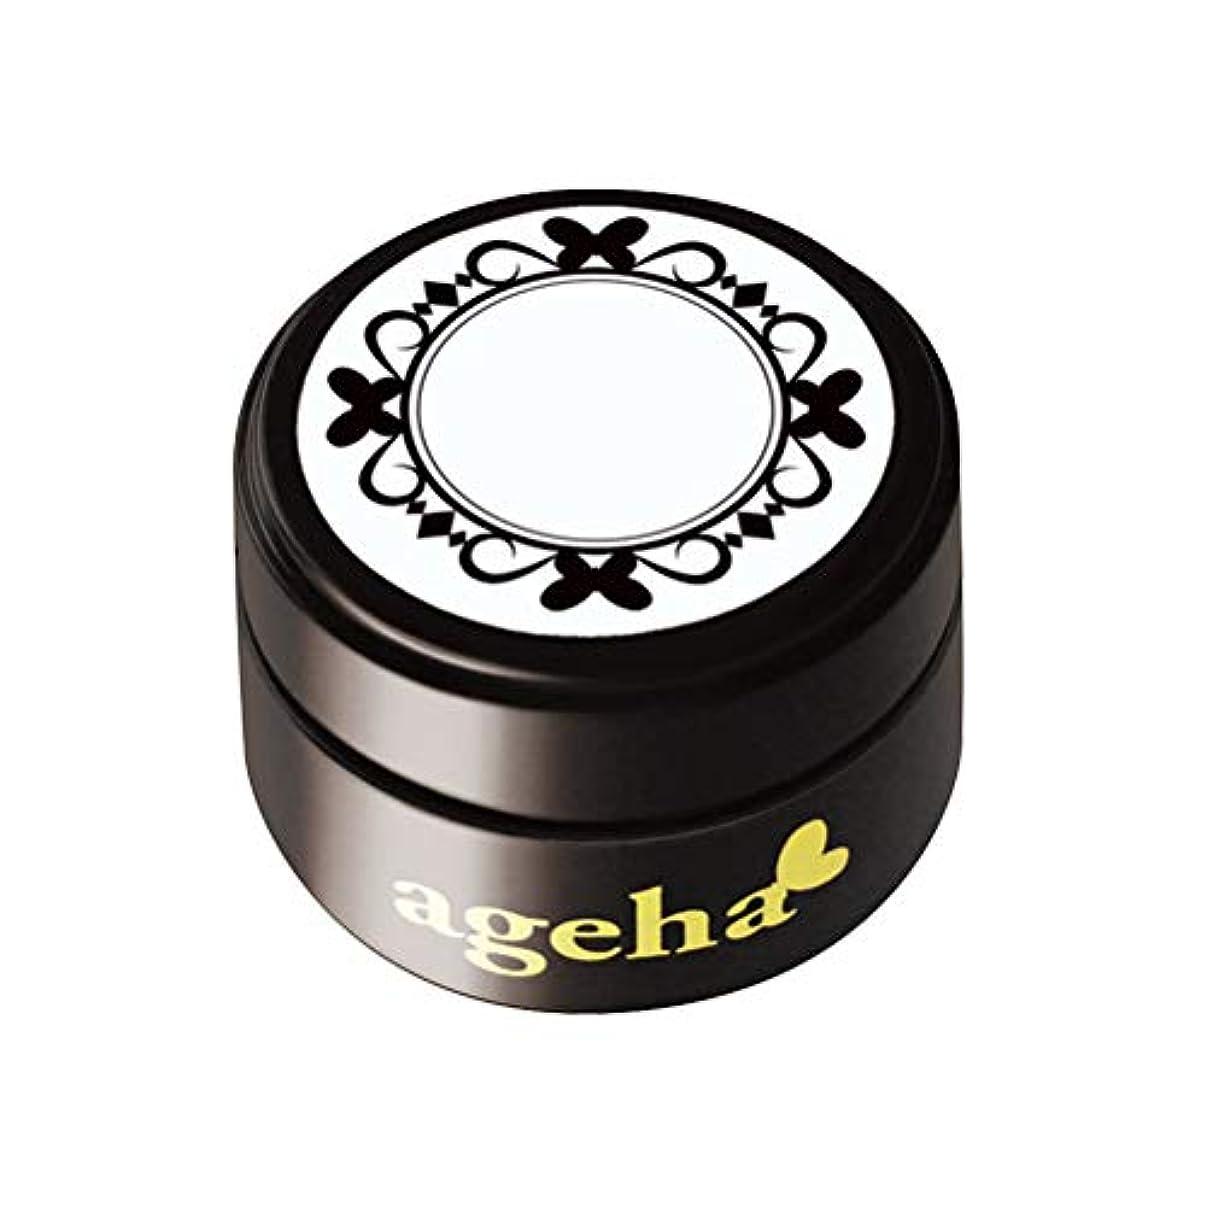 等価閉塞追い越すageha コスメカラー 236 レトロパープル 2.7g UV/LED対応